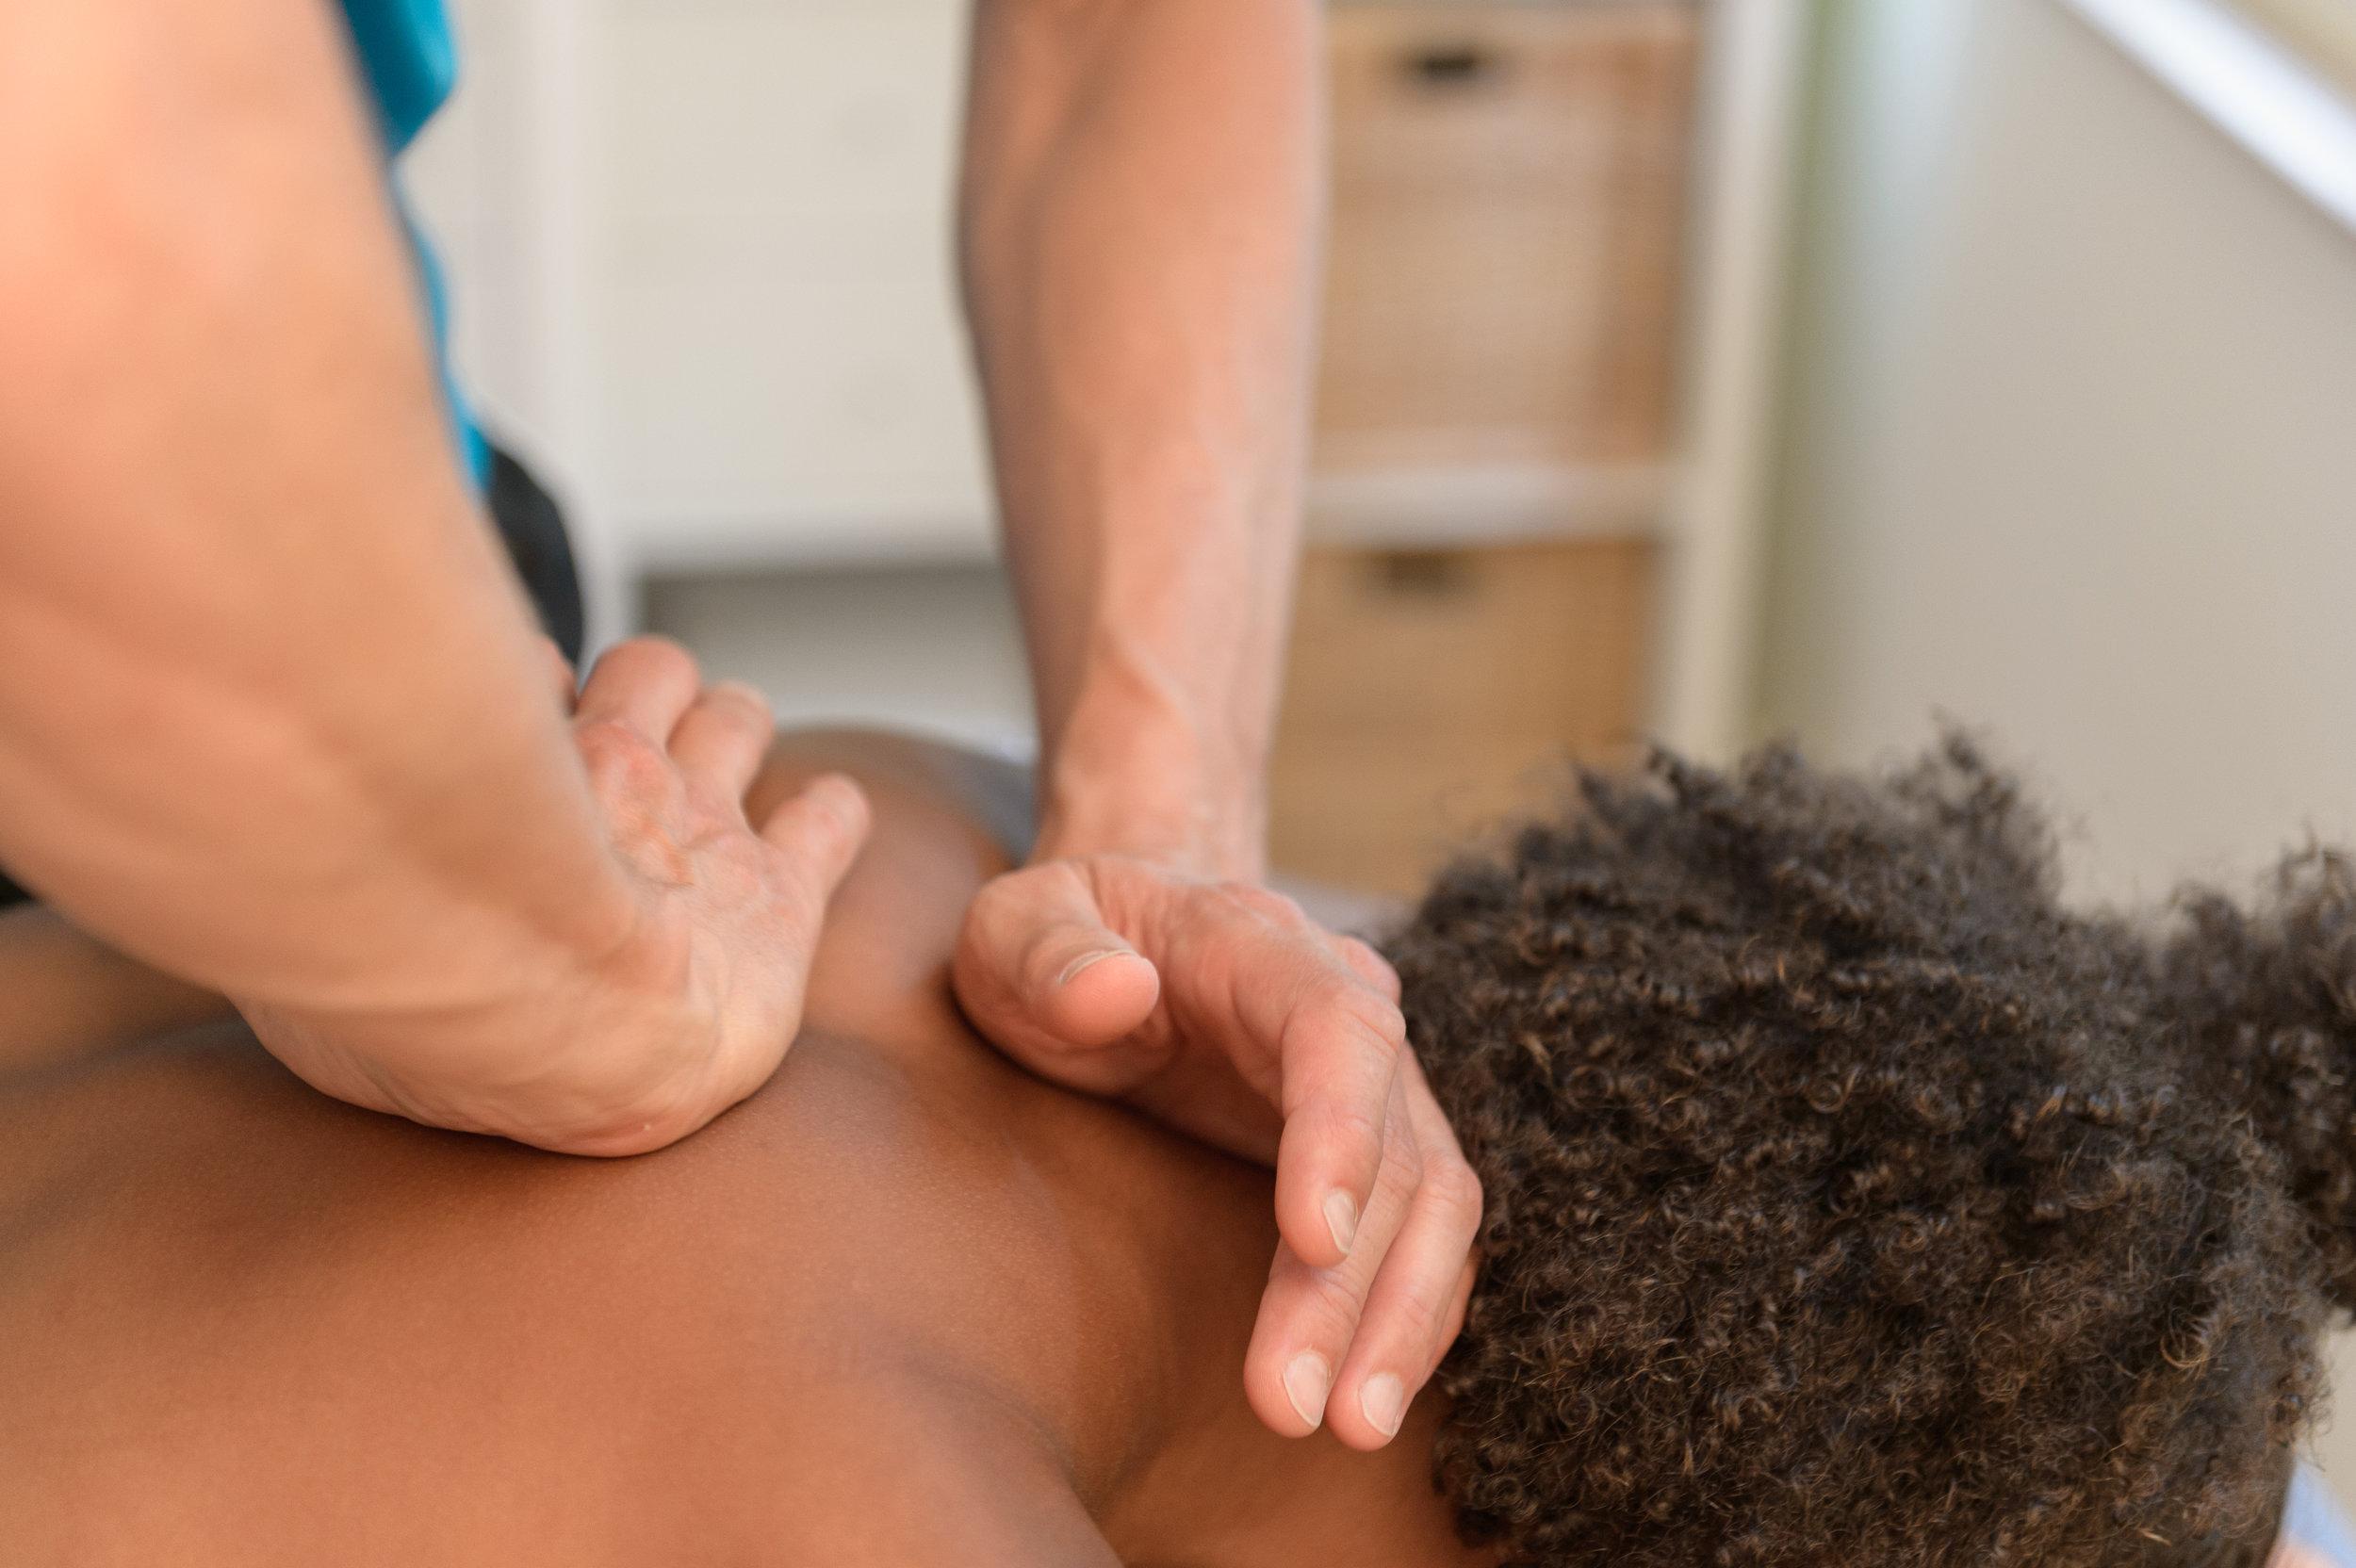 Copy of Manualtherapie